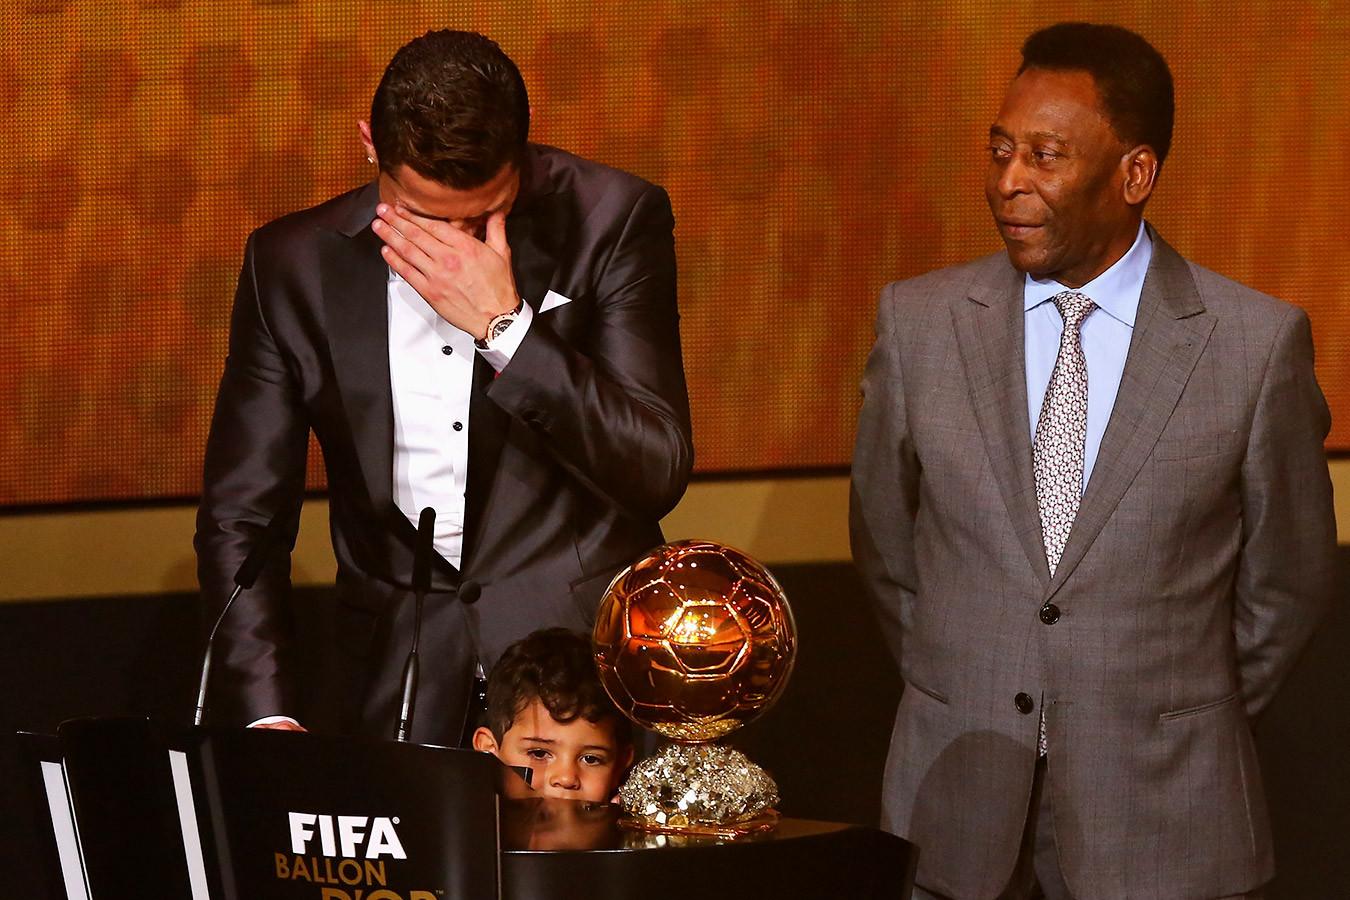 Пеле увеличил количество голов в своём «инстаграме» после того, как его обошёл Роналду